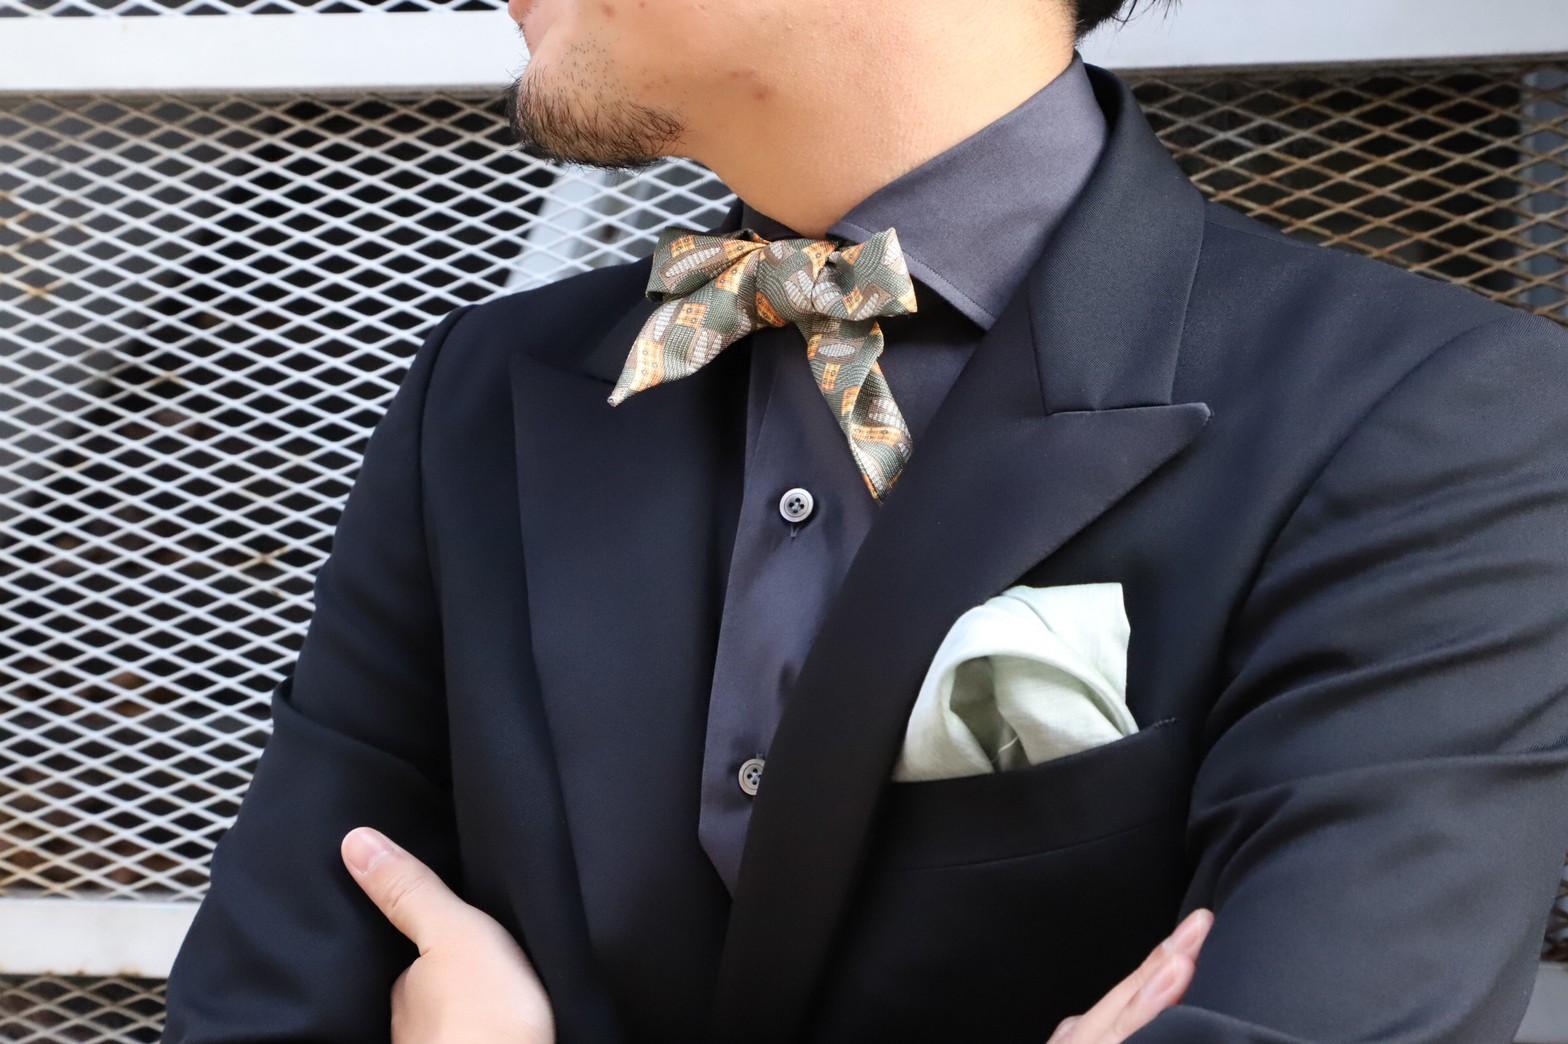 ザトリートドレッシングにてお取り扱いをしているイタリアブランドのシャツにシャルピーナを合わせたスタイリングのご紹介です。